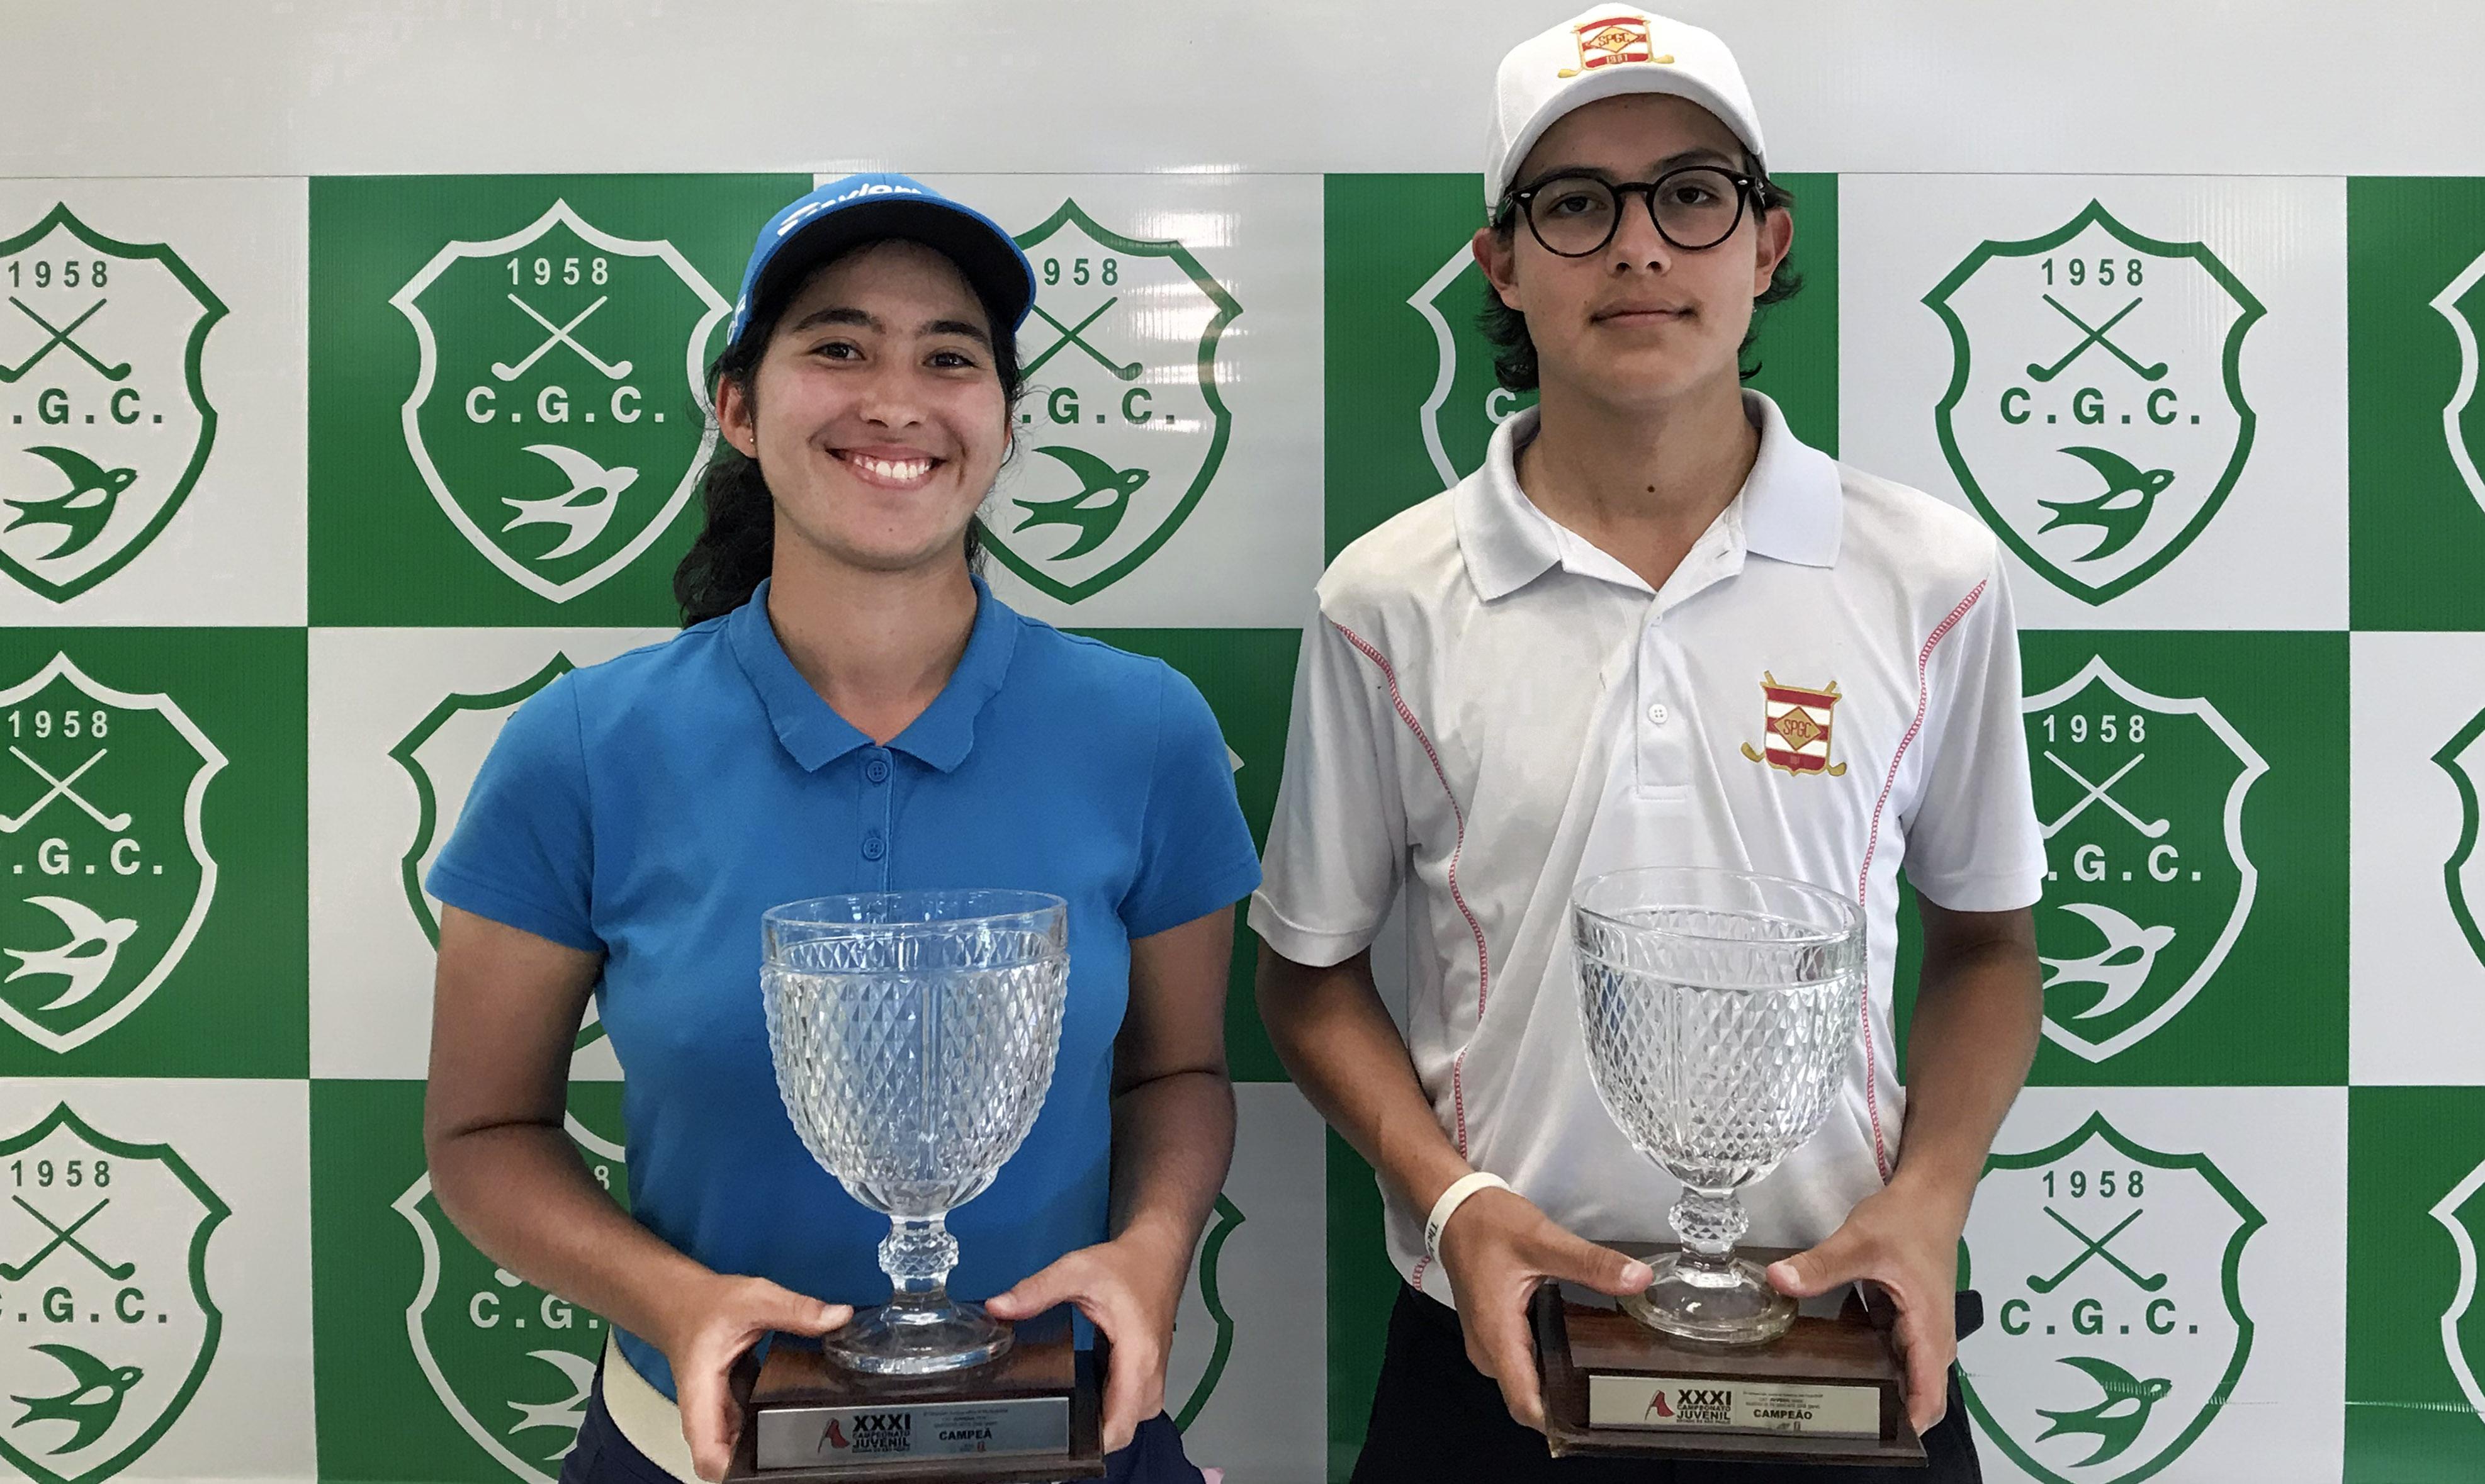 Guilherme Grinberg e Laura Caetano são campeões do Campeonato Juvenil do Estado de São Paulo